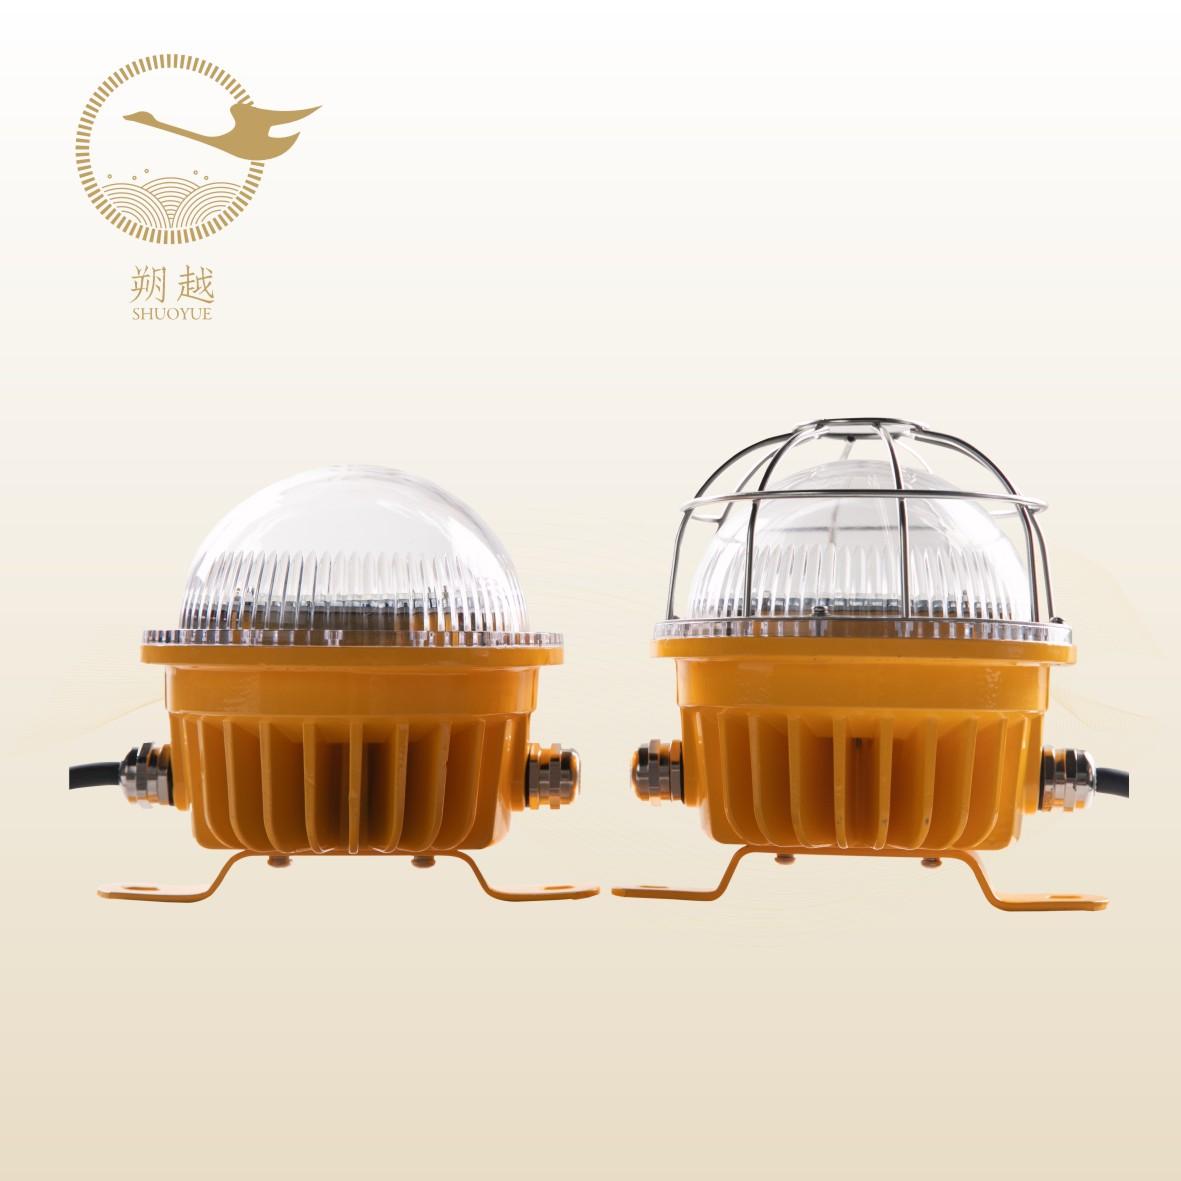 小功率LED防爆灯的理想选择